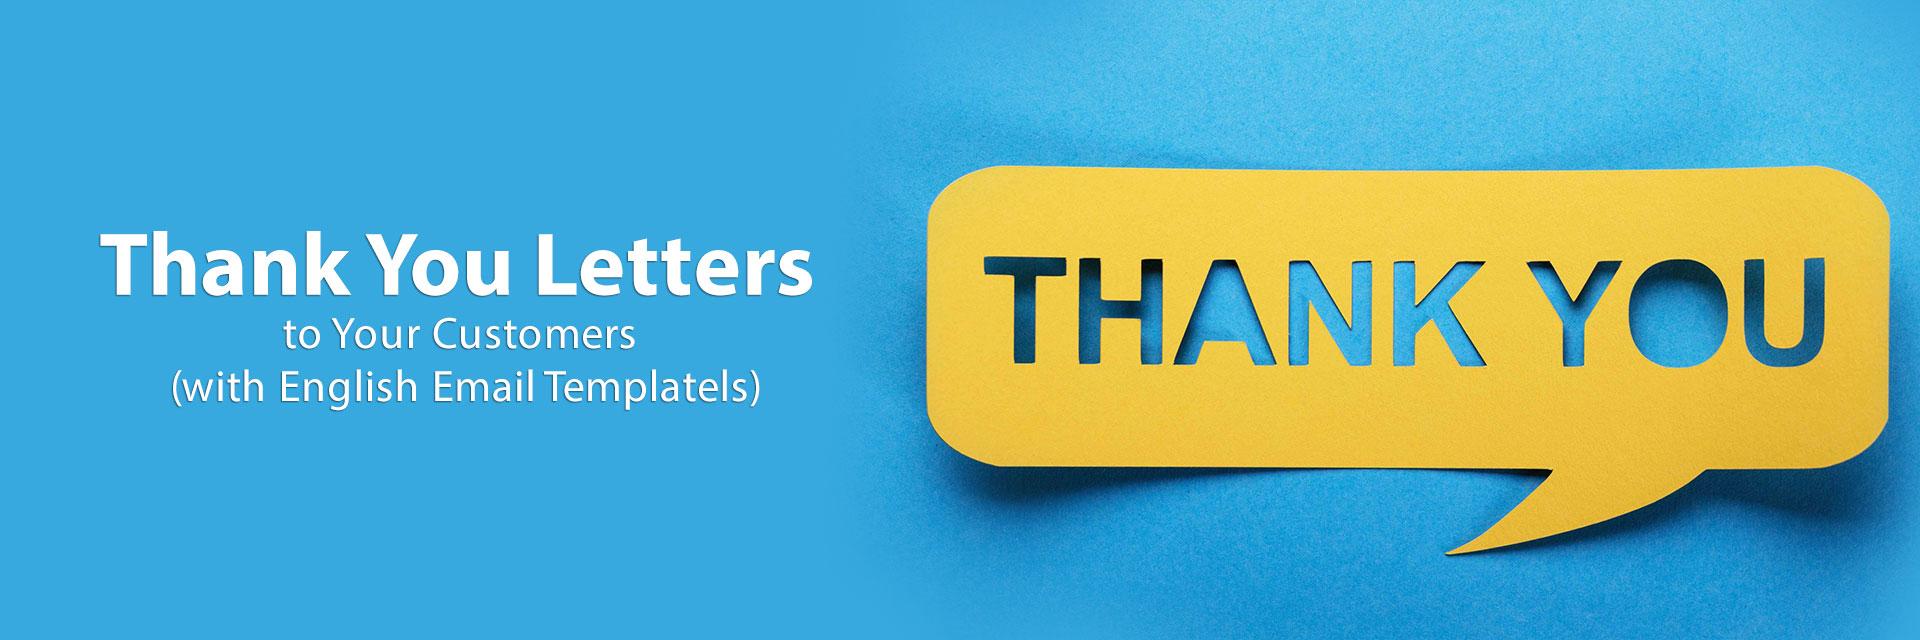 客户感谢信指南(配11个不同场景的英文感谢信邮件模板)